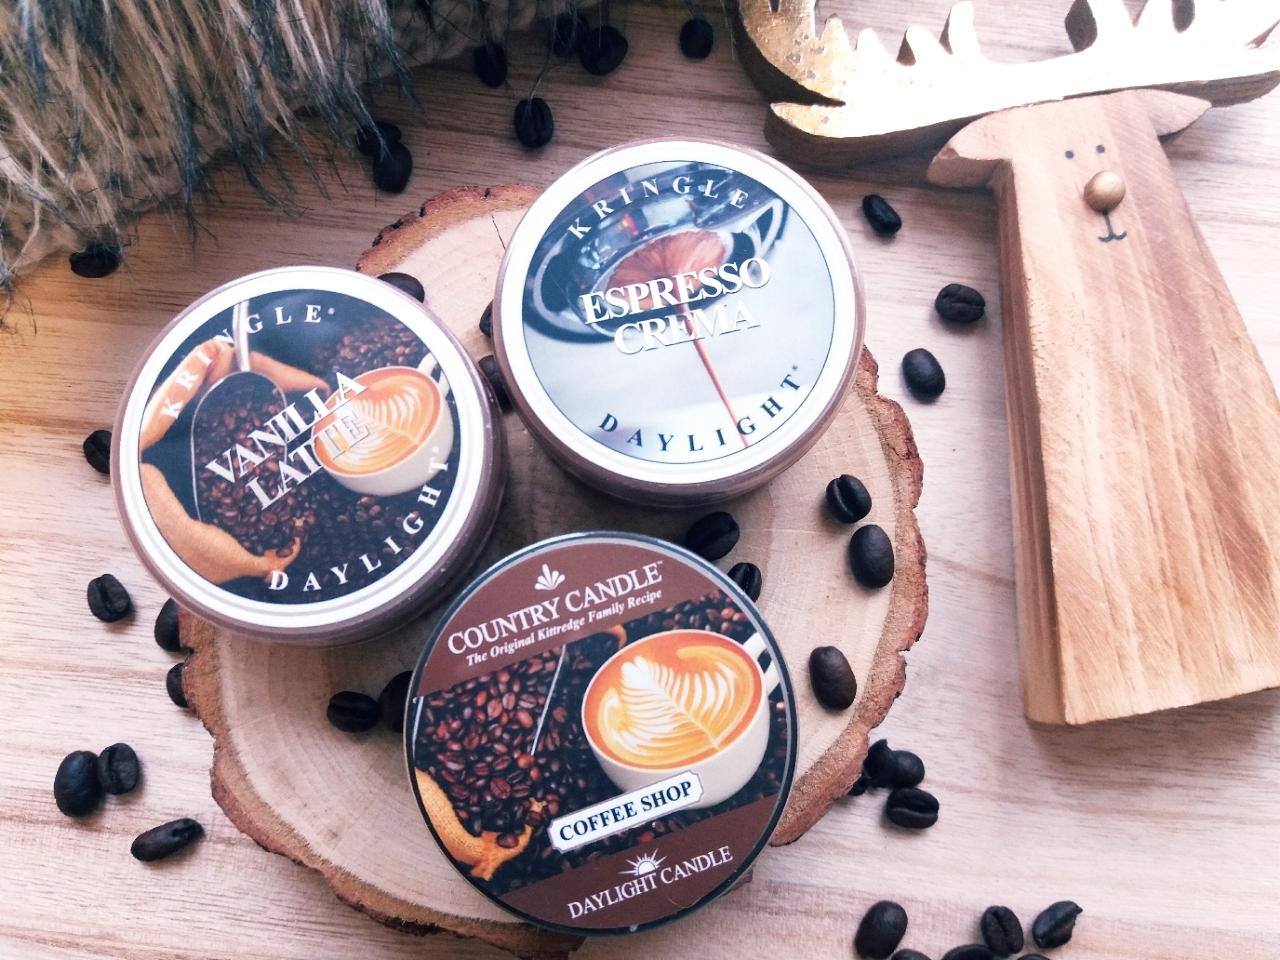 Kawowe i ciasteczkowe akcenty w świecach Kringle Candle i Country Candle